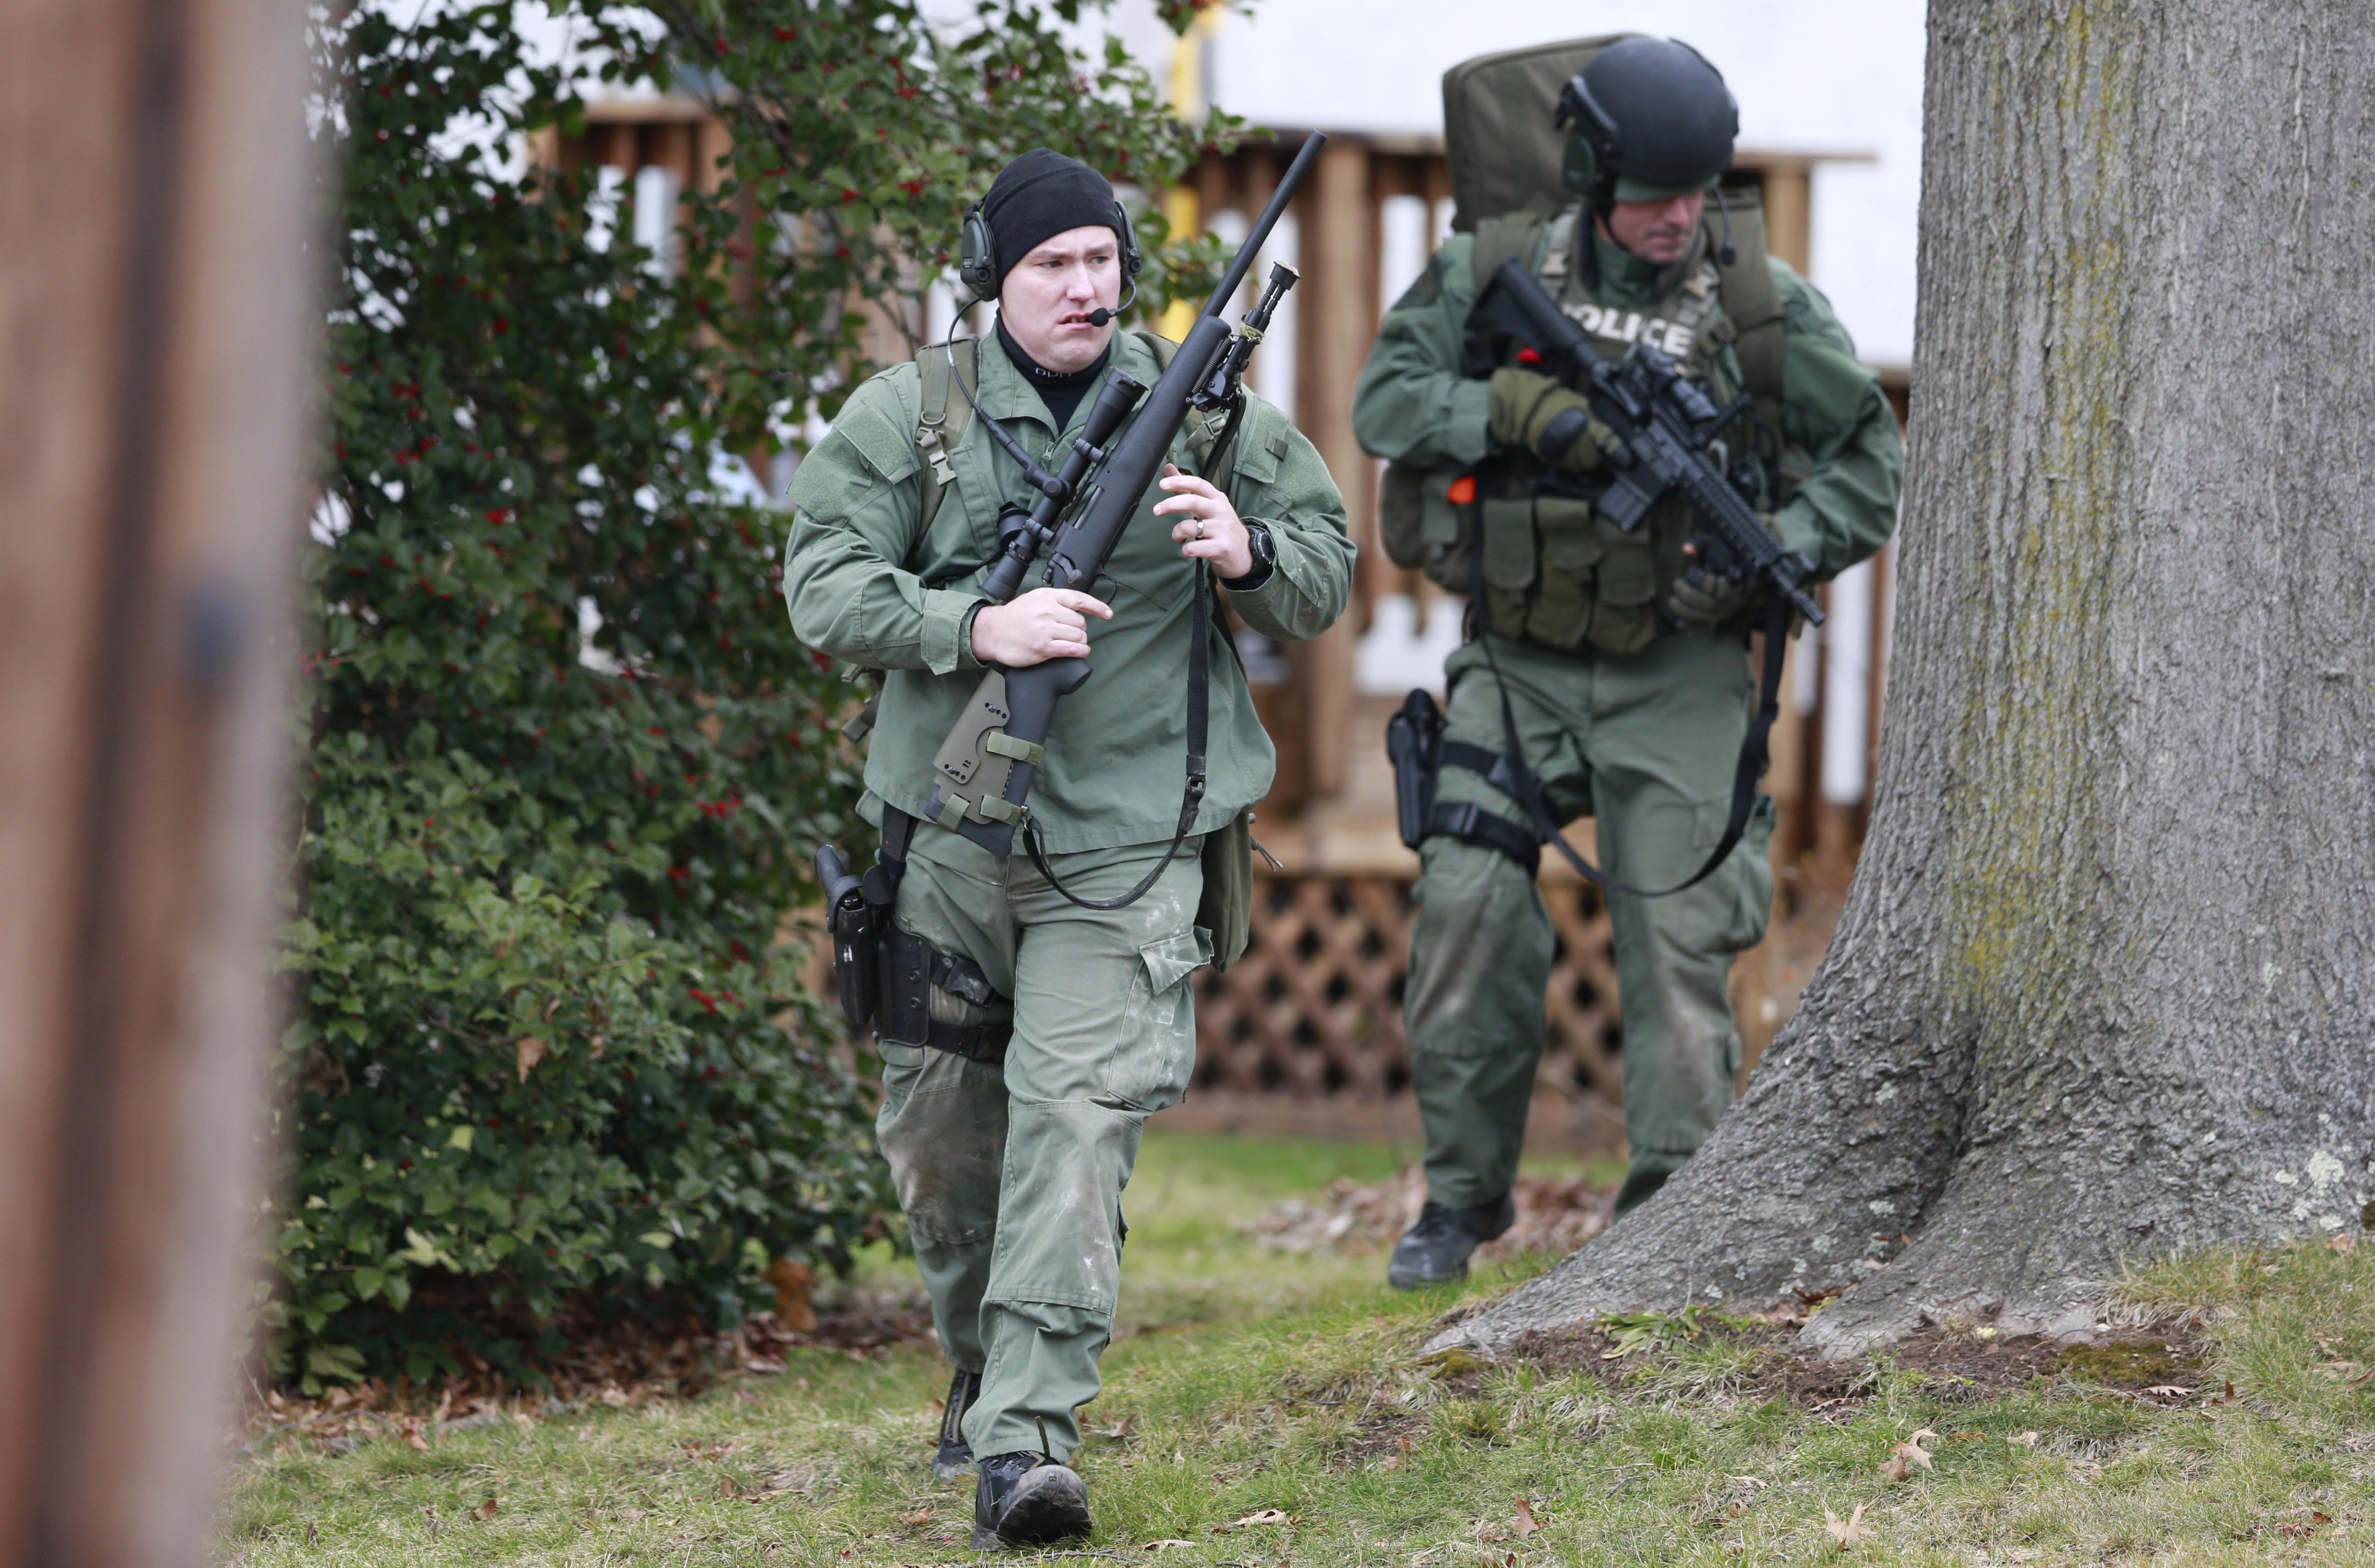 Search Is On For Gunman Who Left 6 Dead Near Philadelphia